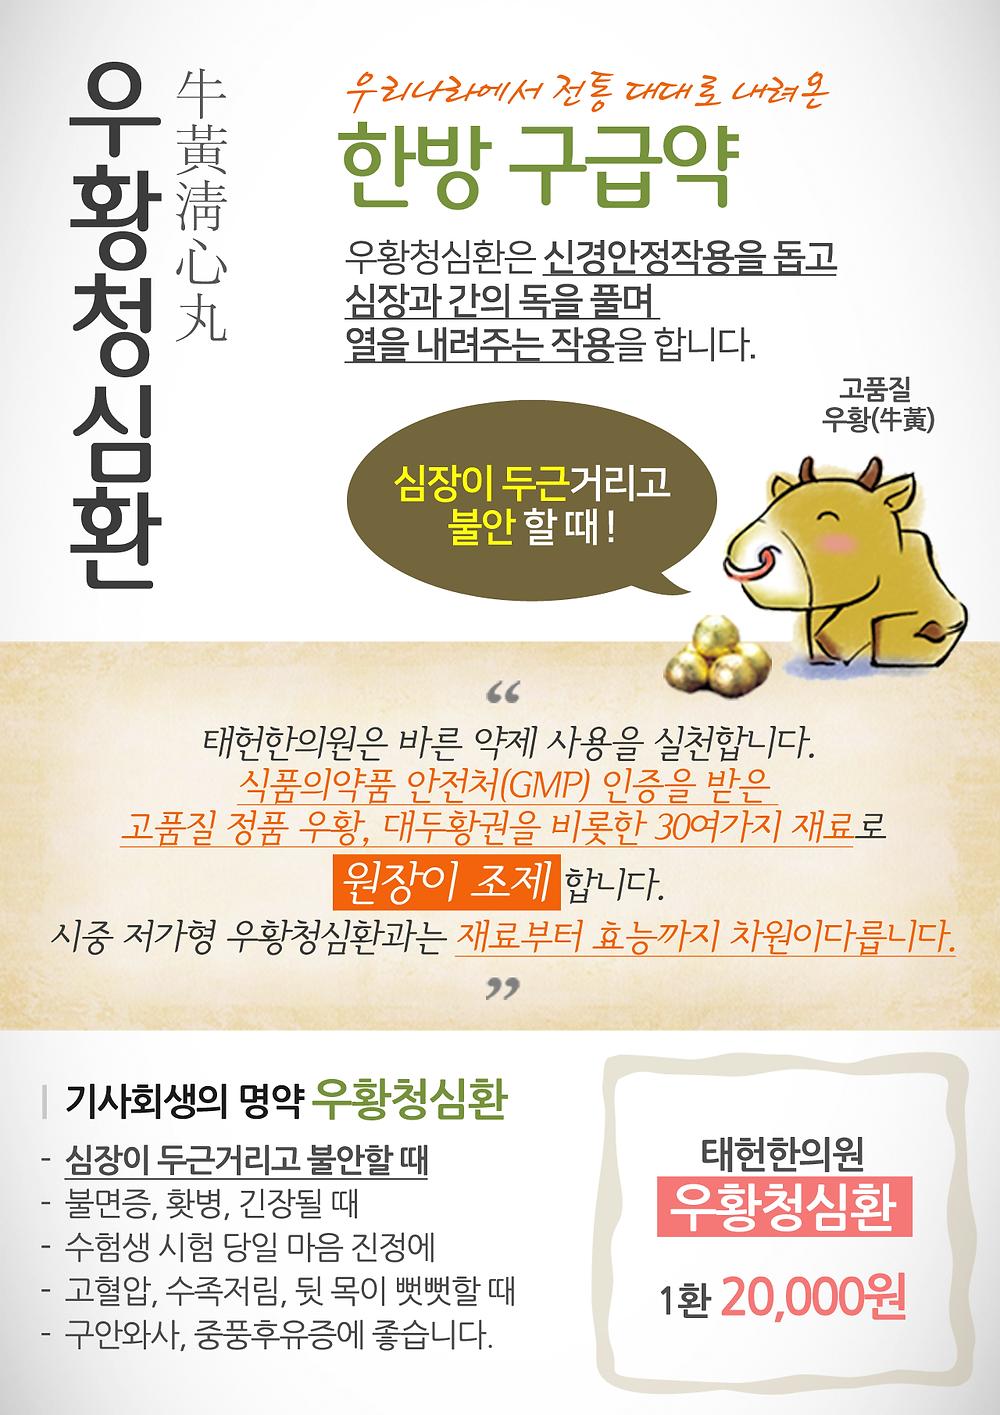 태헌한의원 우황청심환